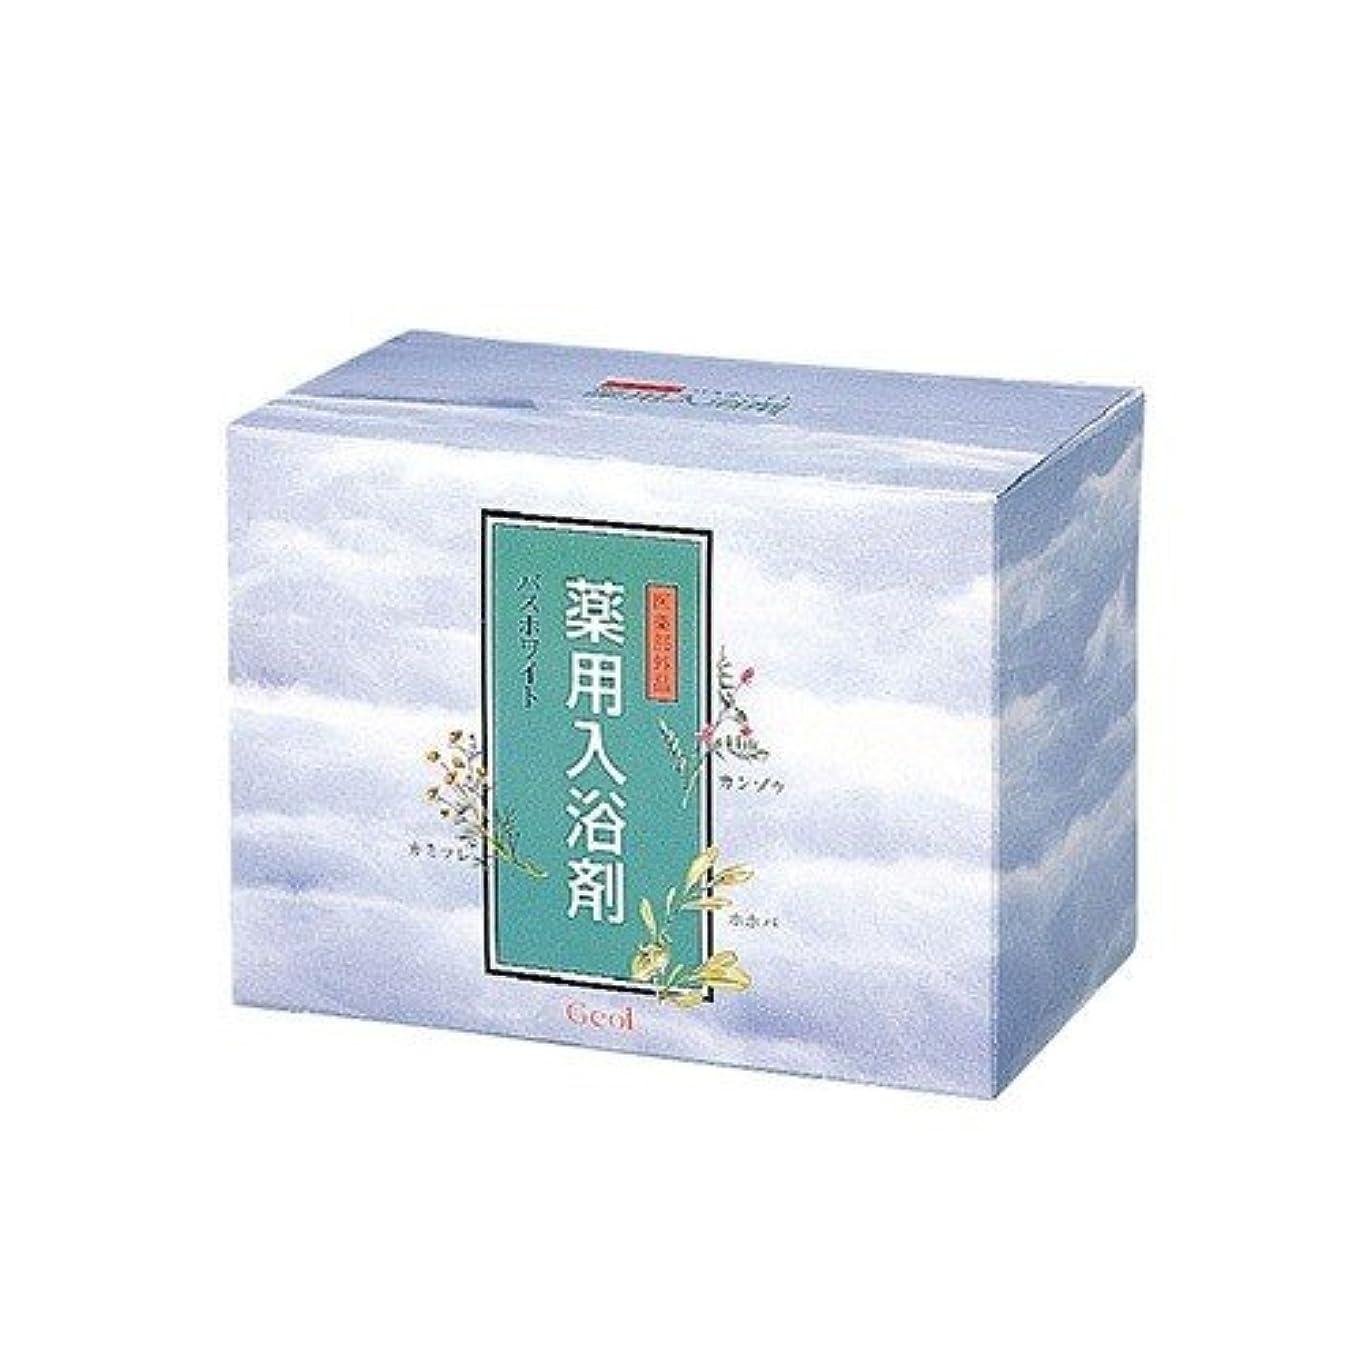 届ける付き添い人責めるゲオール 薬用入浴剤 バスホワイト 医薬部外品